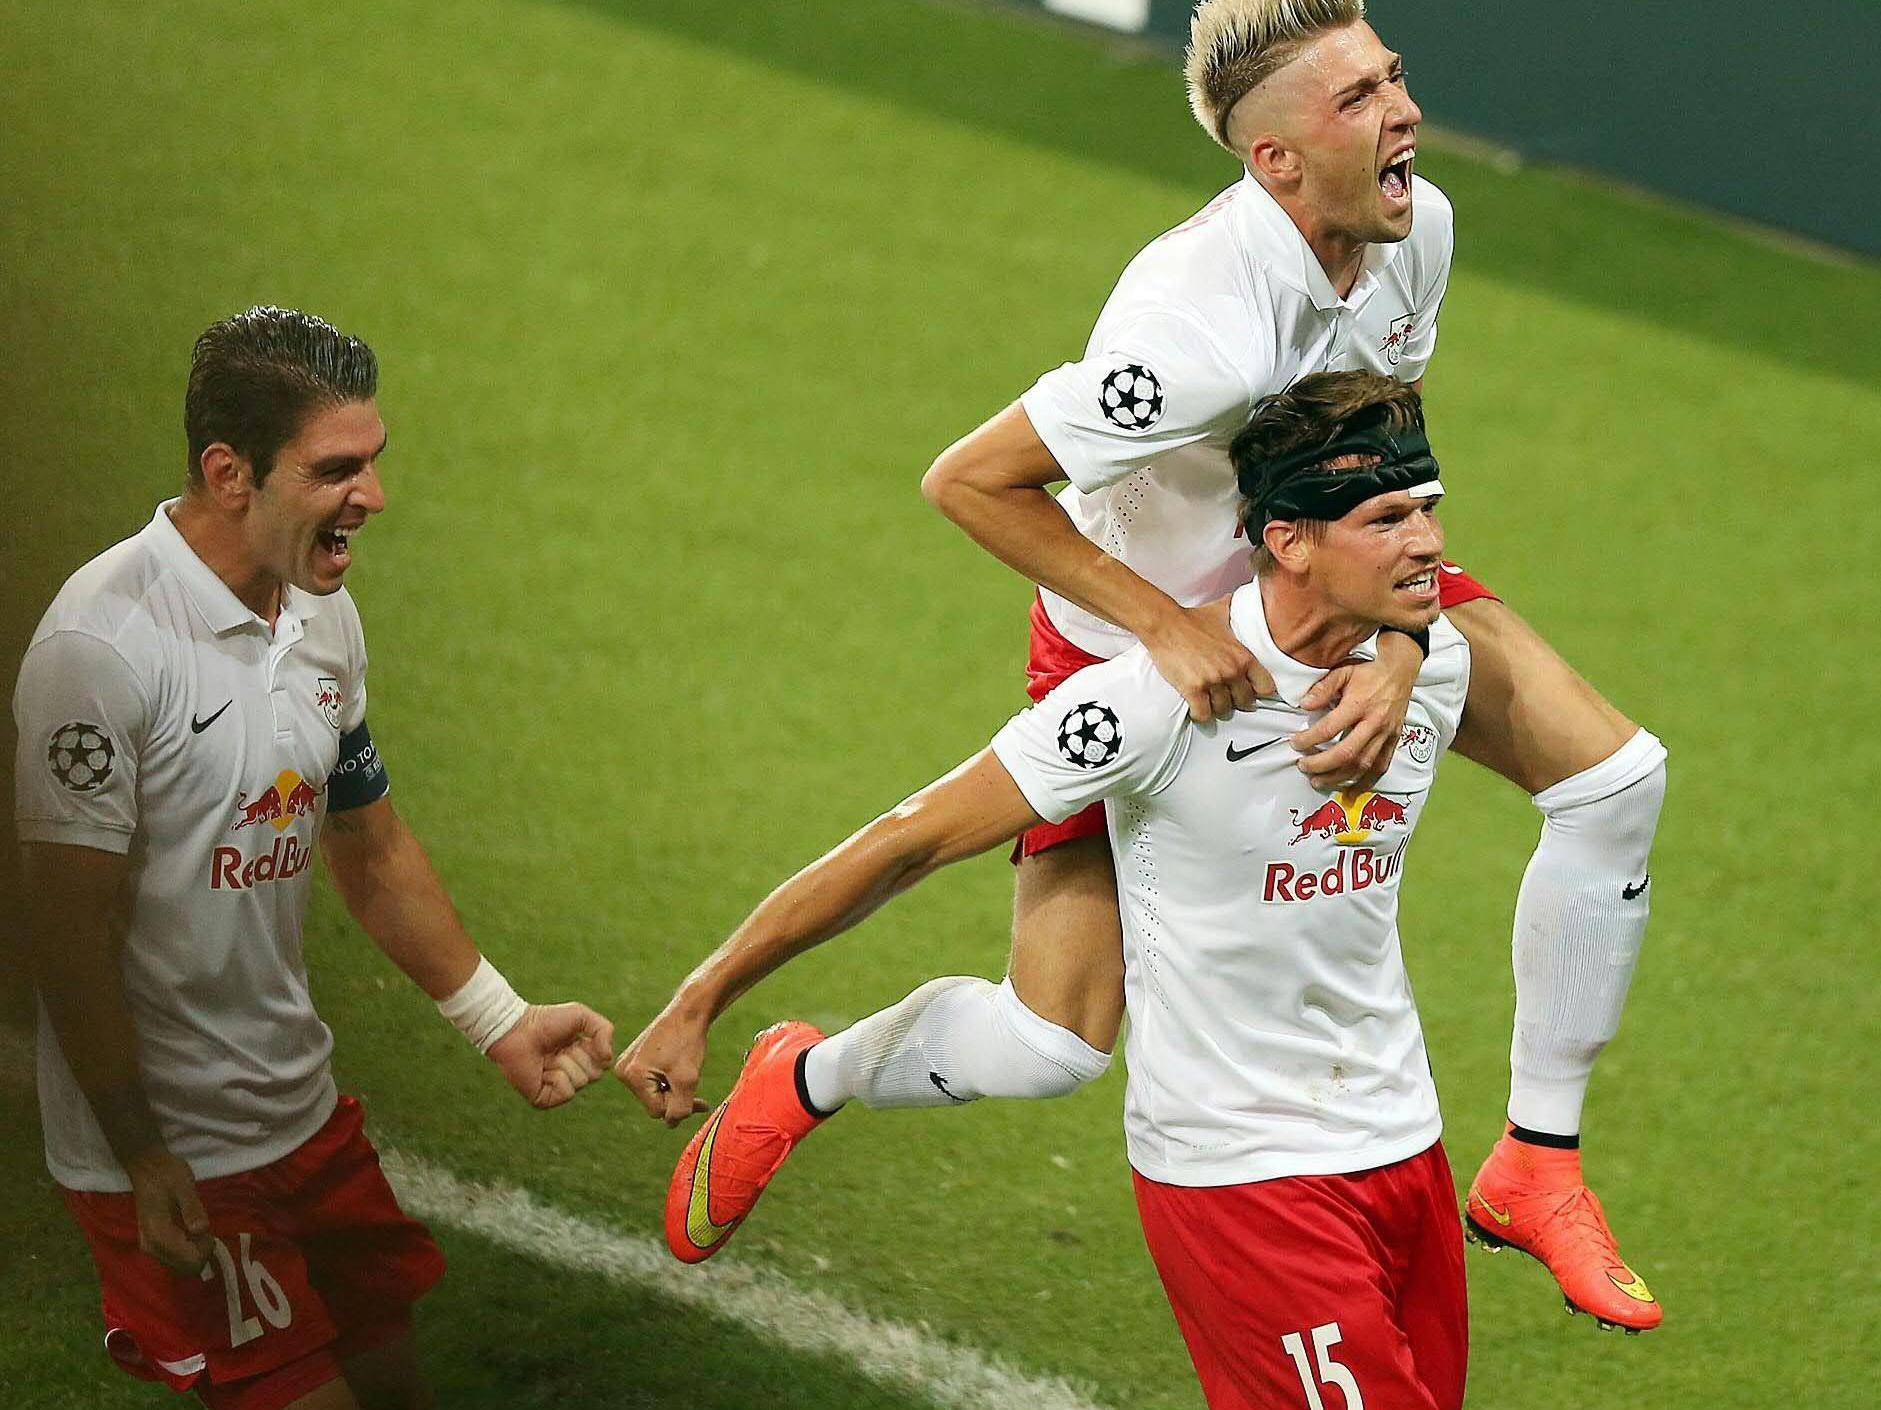 Schiemer brachte die Salzburger nach 16 Minuten mit 1:0 in Führung.